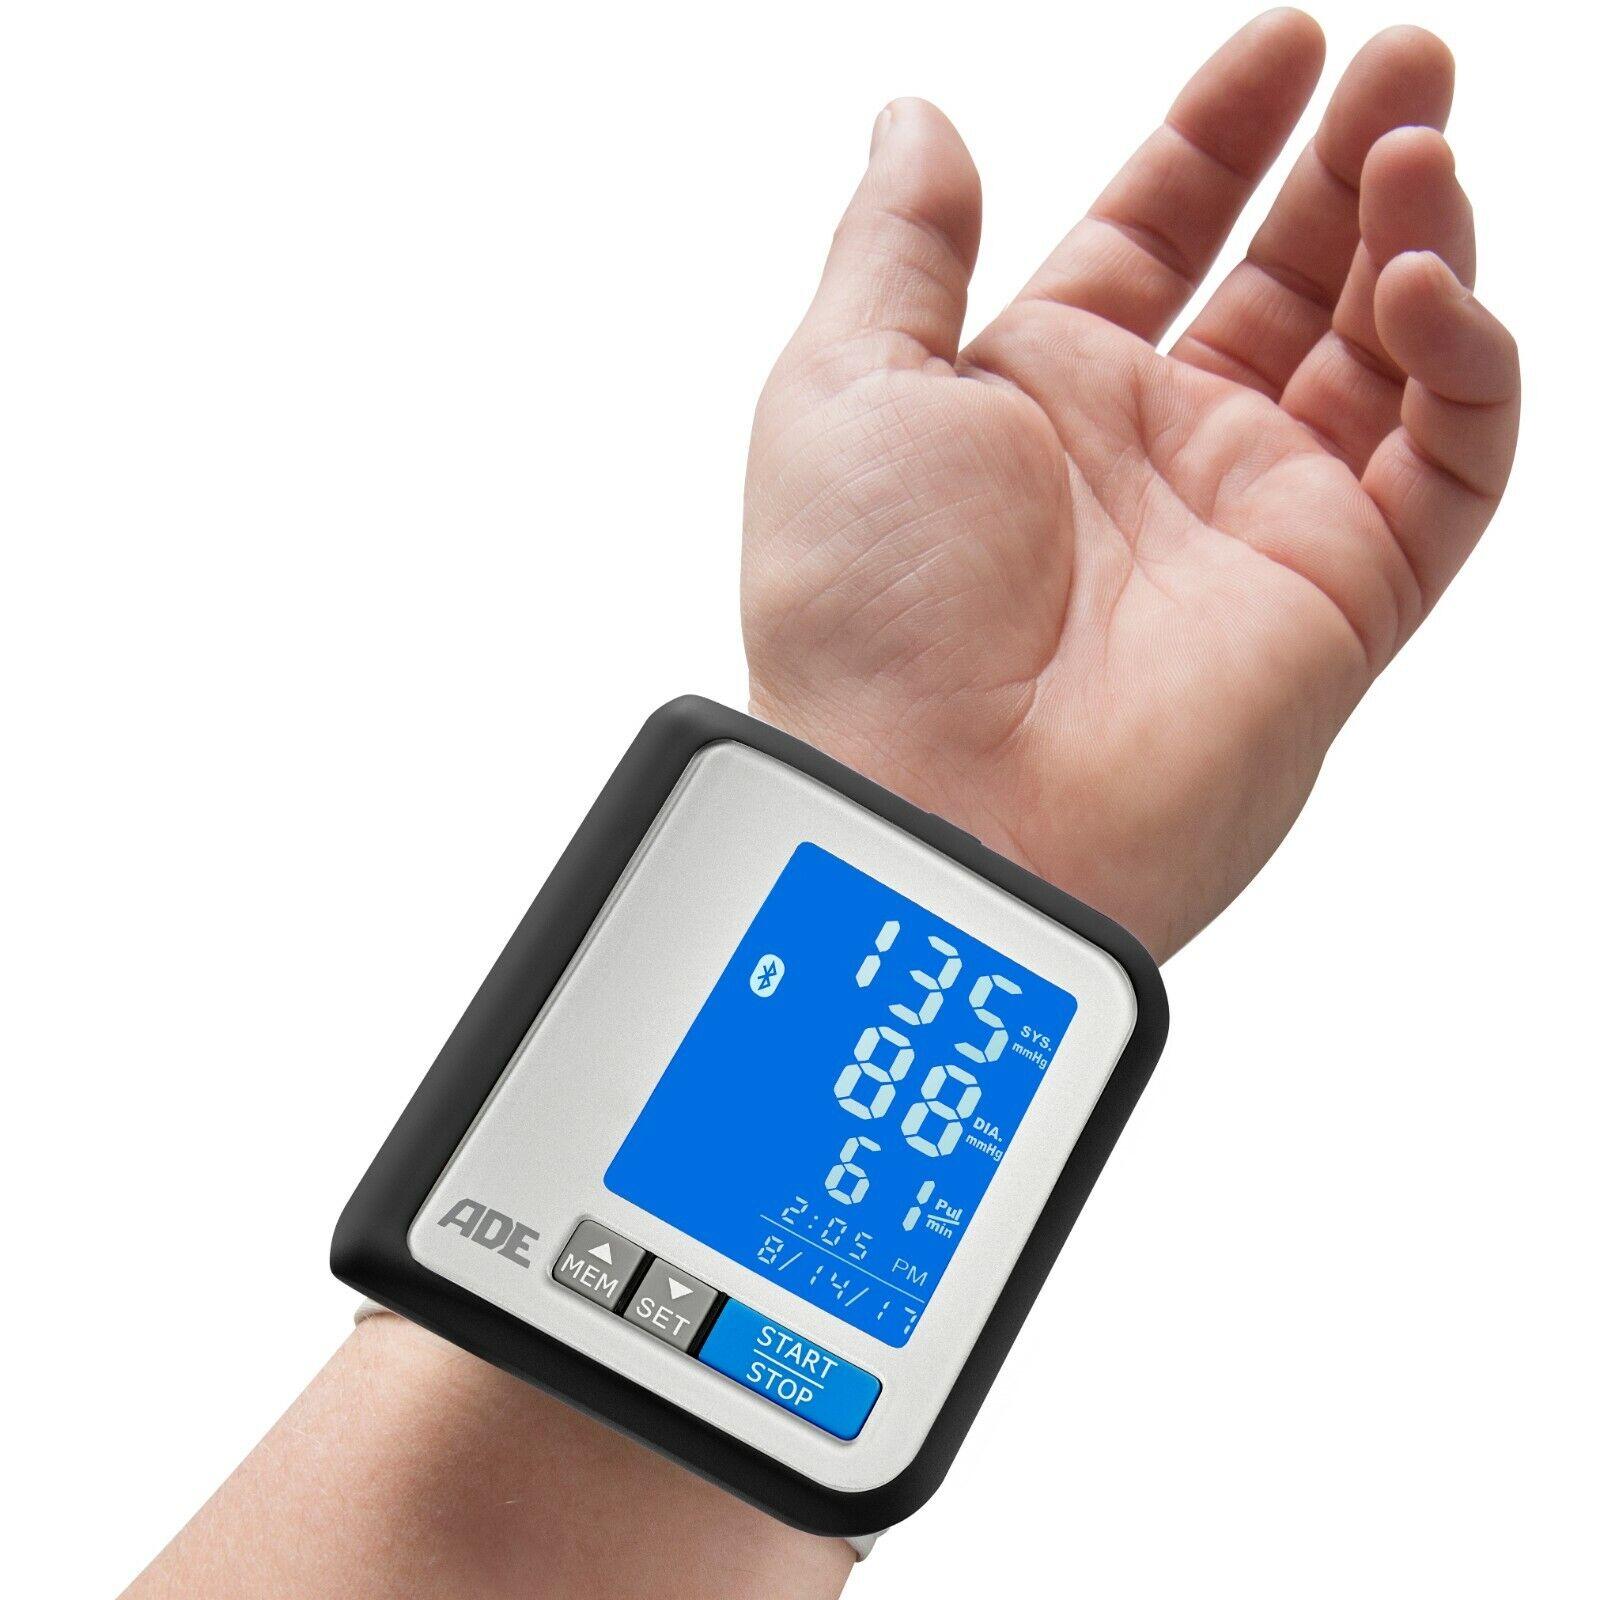 ADE Blutdruckmessgerät Handgelenk Bluetooth | Blutdruckmesser | Pulsmessung OVP